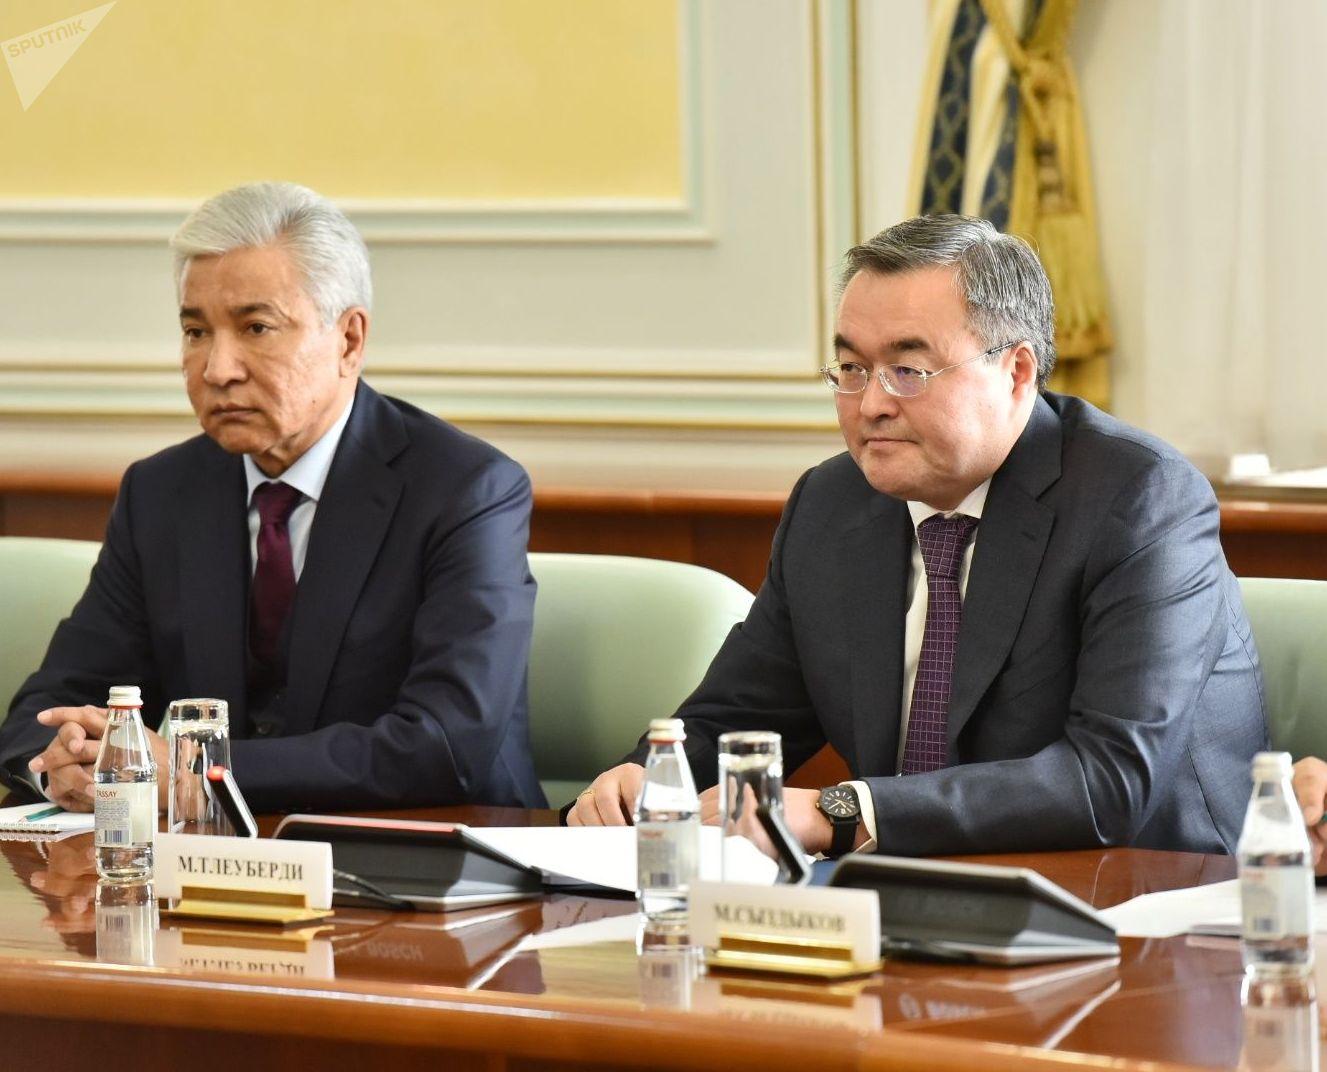 На переговорах министра иностранных дел России Сергея Лаврова с главой МИД Казахстана Мухтаром Тлеуберди